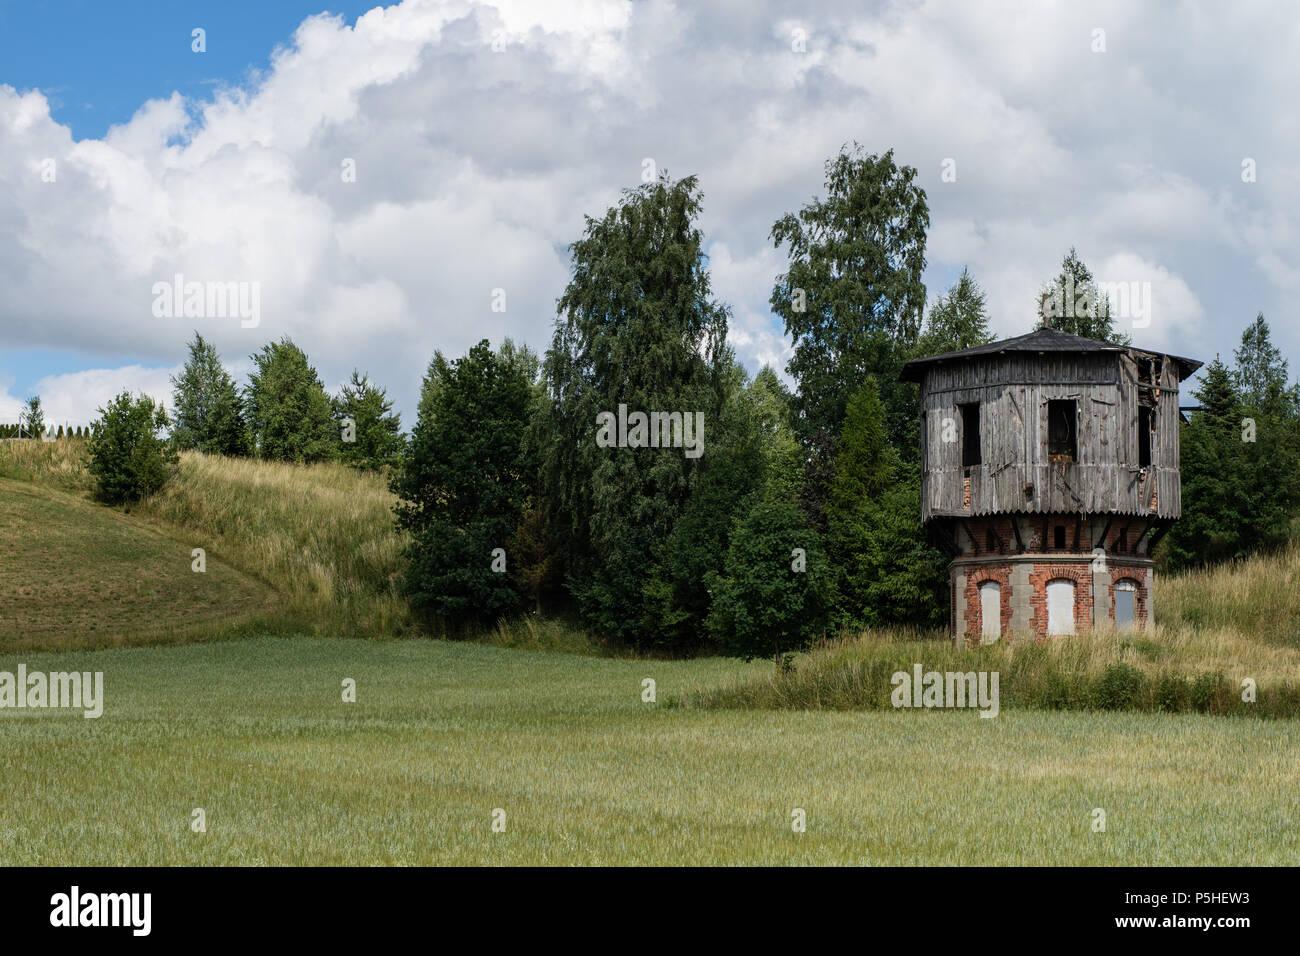 Antigua torre de agua en la estación de ferrocarril. Equipo ferroviario para el servicio de tráfico ferroviario. La temporada de verano. Imagen De Stock